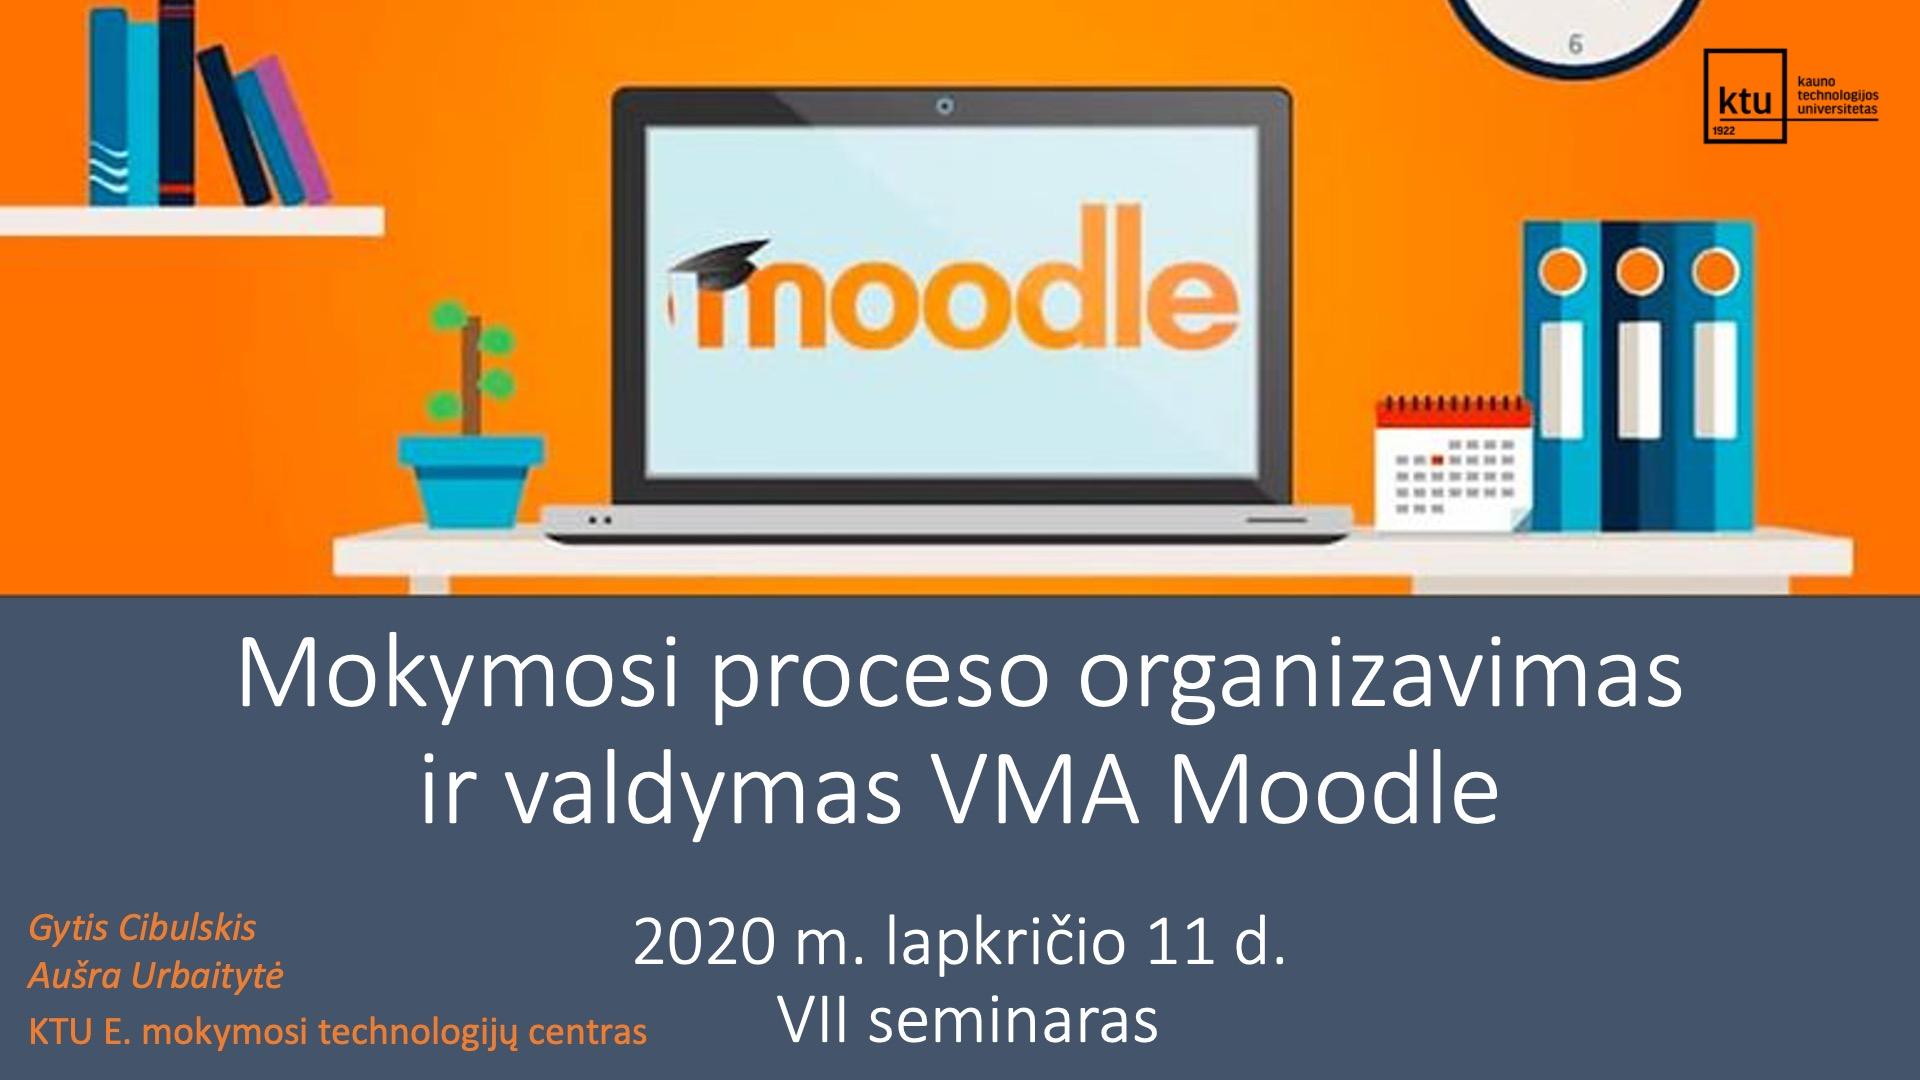 2020.11.11 Moodle mokymai (VII seminaras)